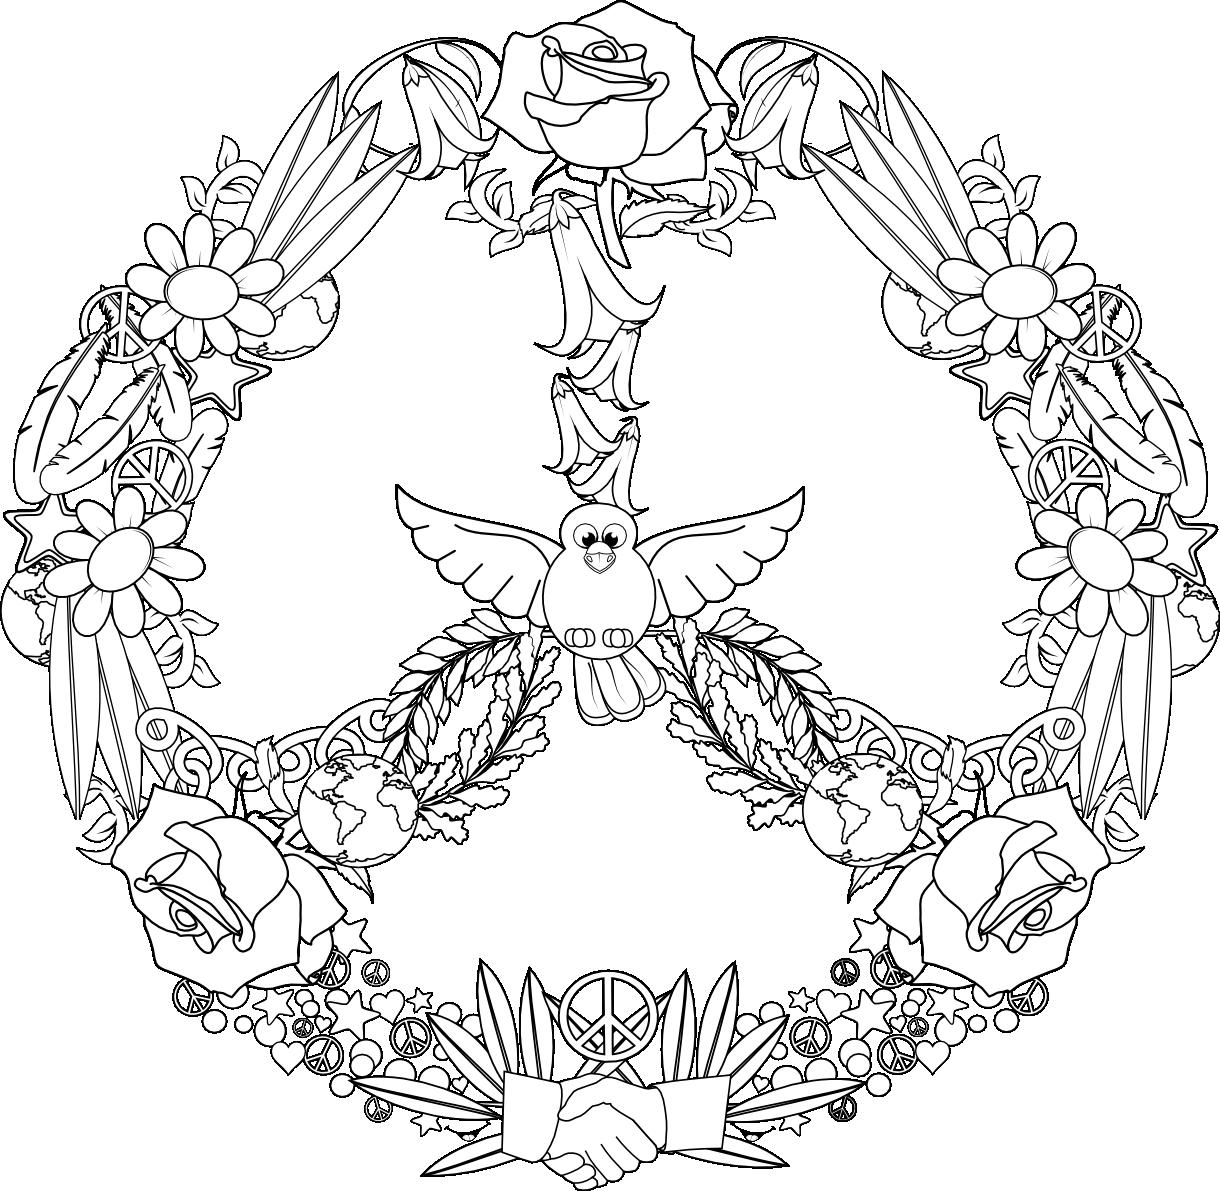 Símbolo Paz - Actiludis